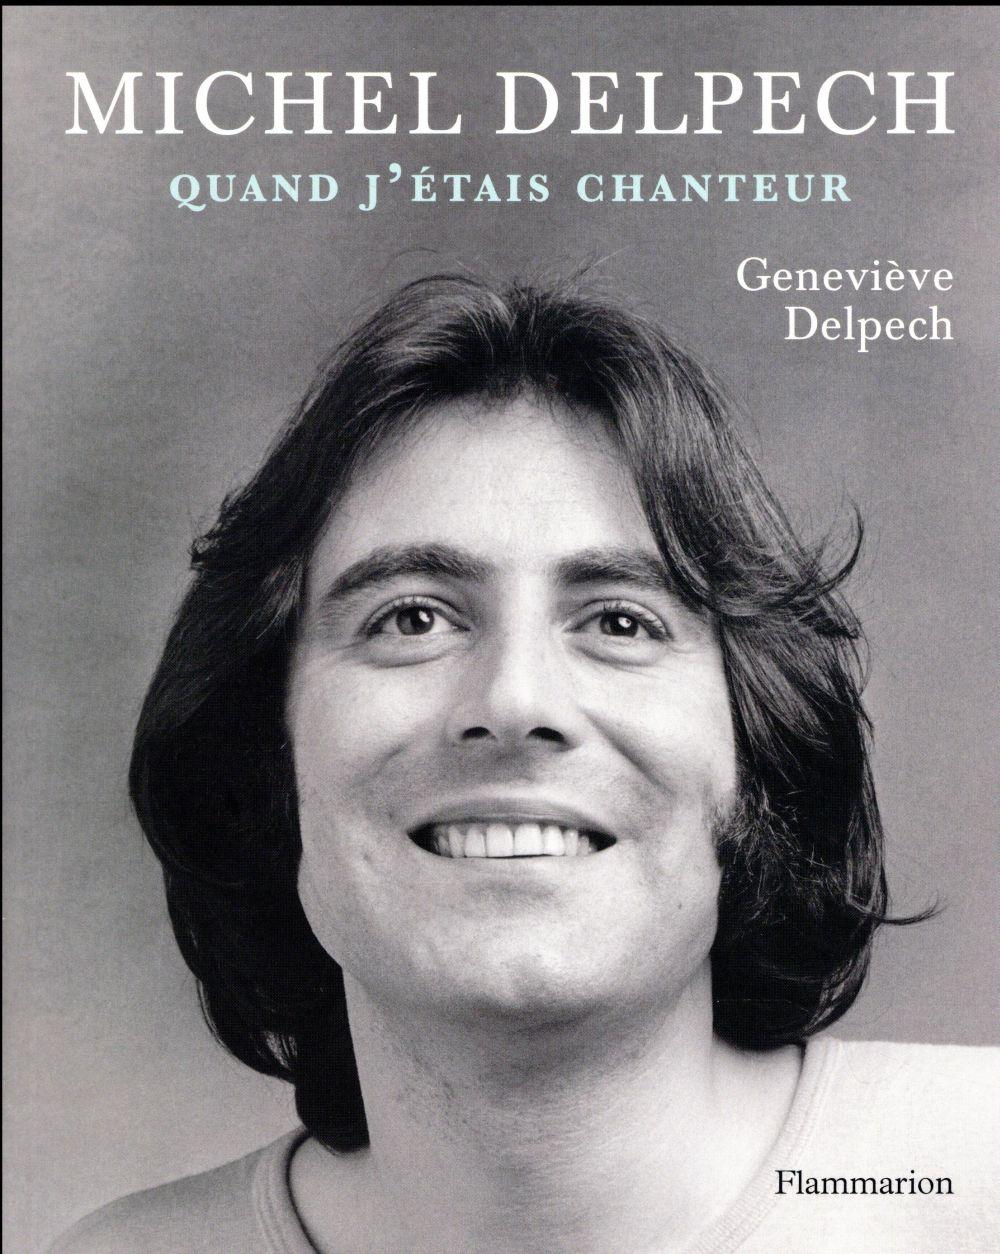 MICHEL DELPECH  -  QUAND J'ETAIS CHANTEUR